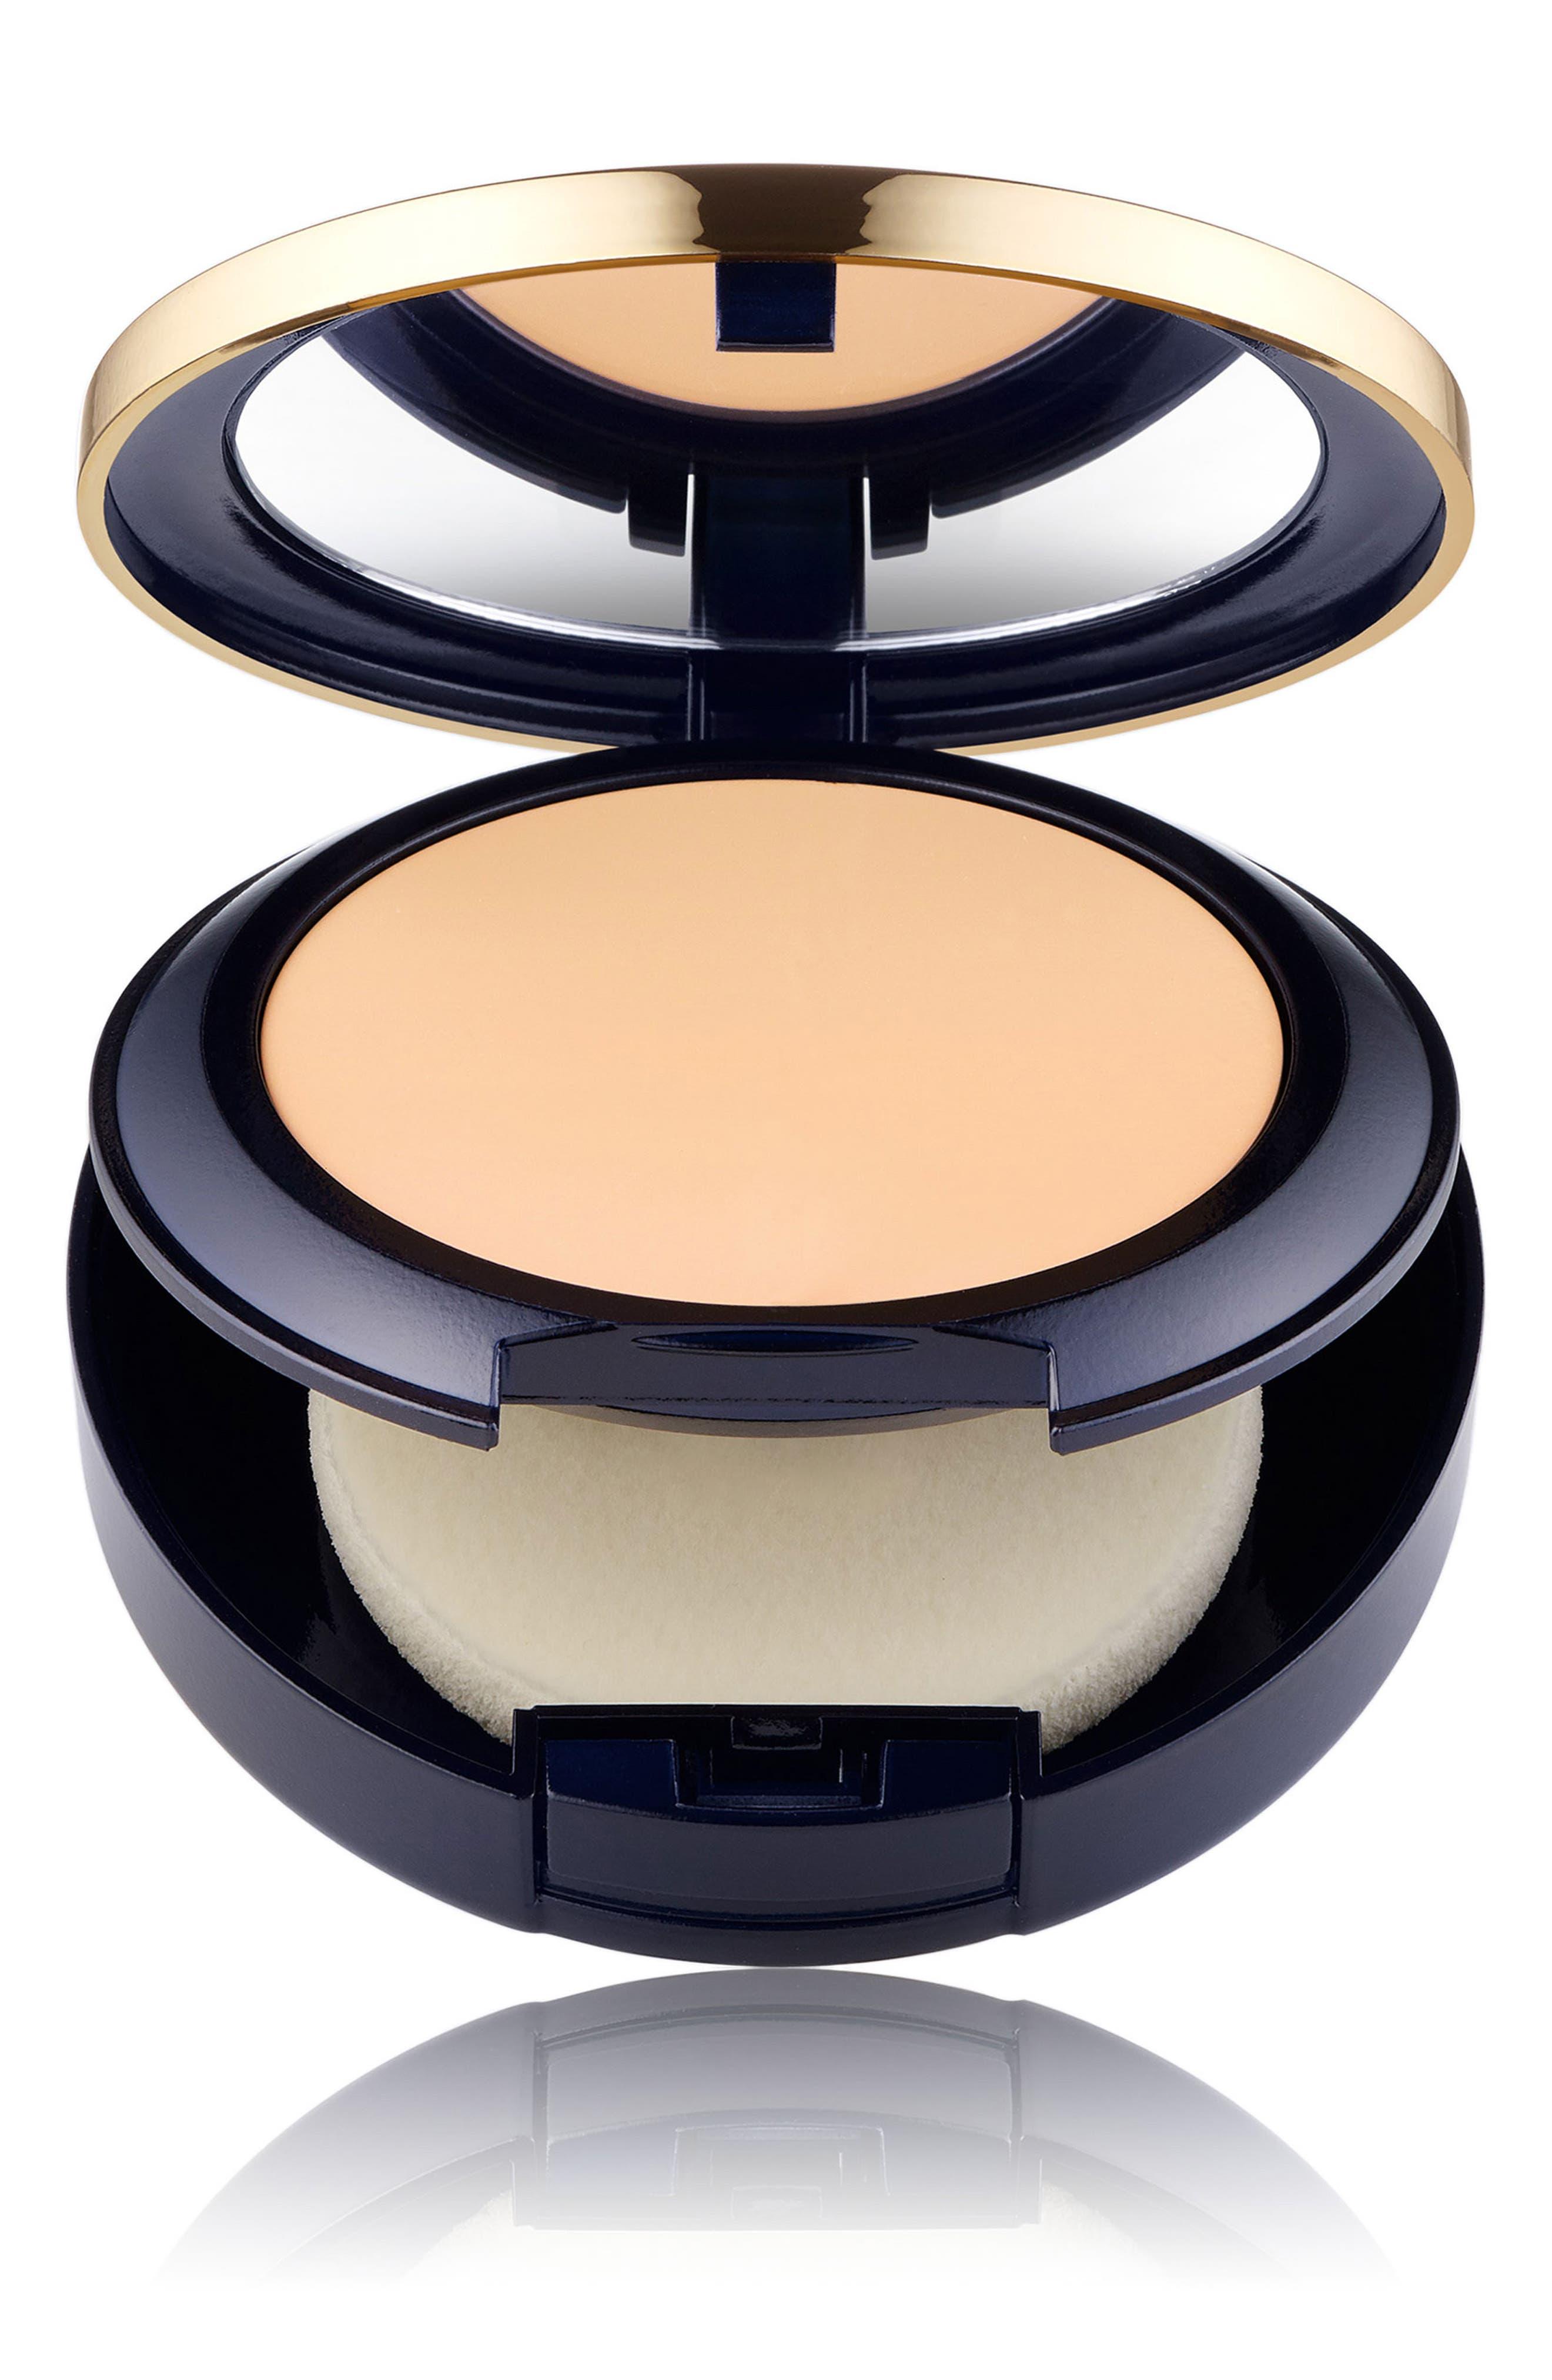 Estee Lauder Double Wear Stay In Place Matte Powder Foundation - 3N1 Ivory Beige